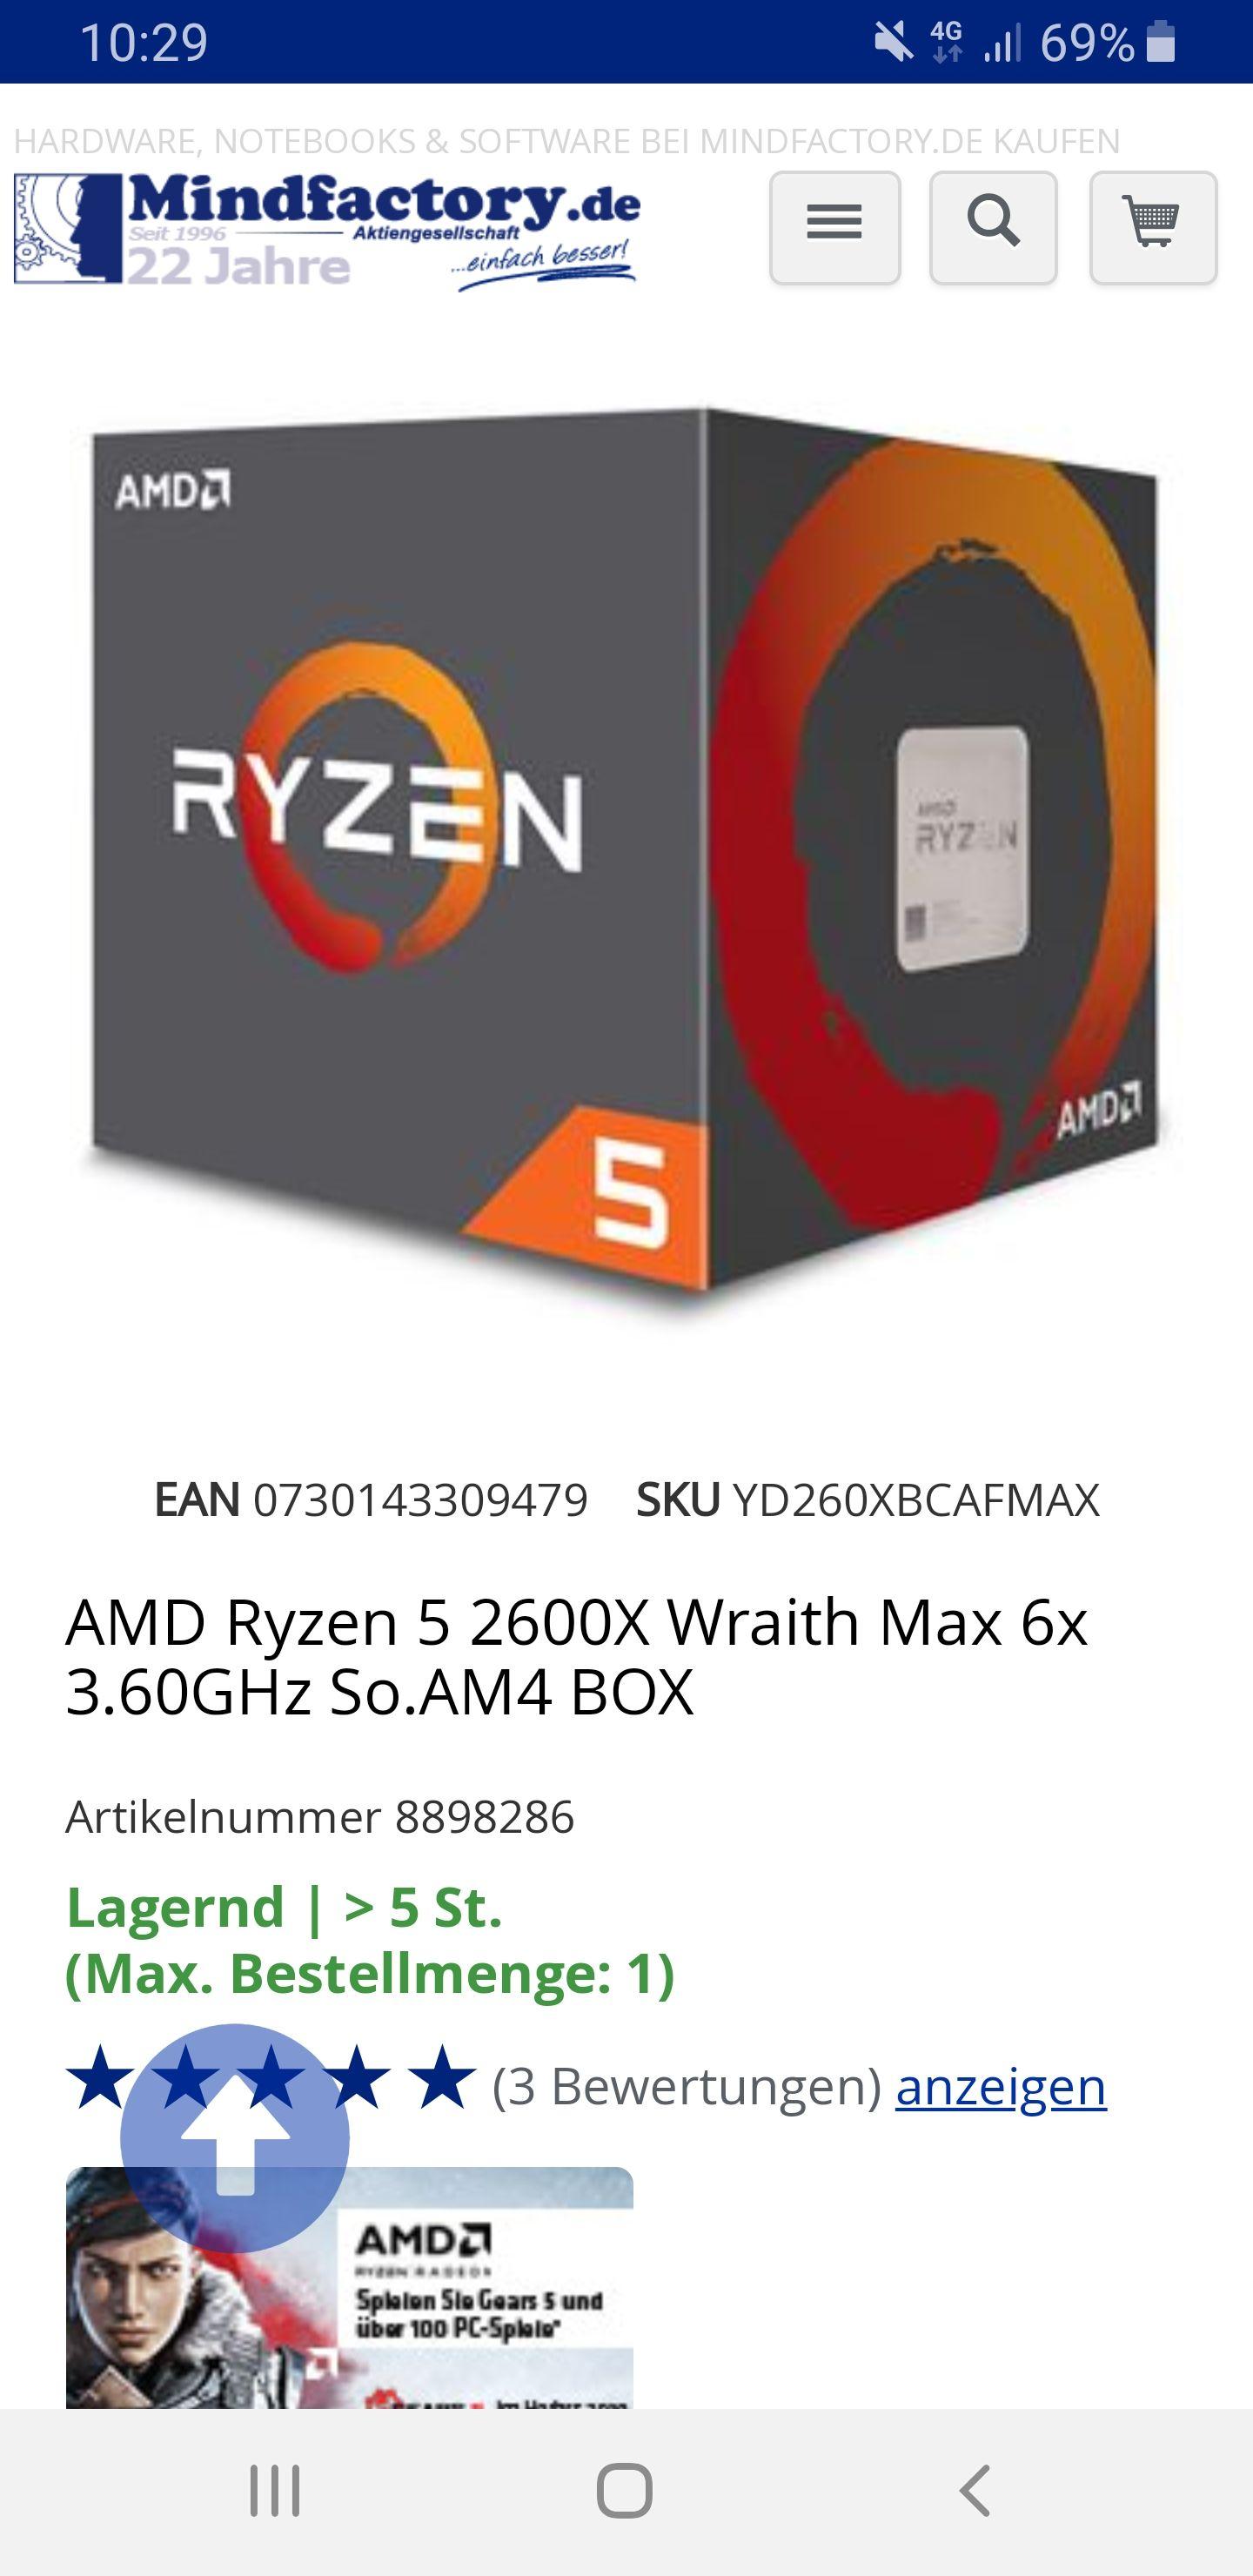 AMD Ryzen 5 2600X, 6x 3.60GHz, boxed mit Wraith Maxfür 148,89€ Mindfactory